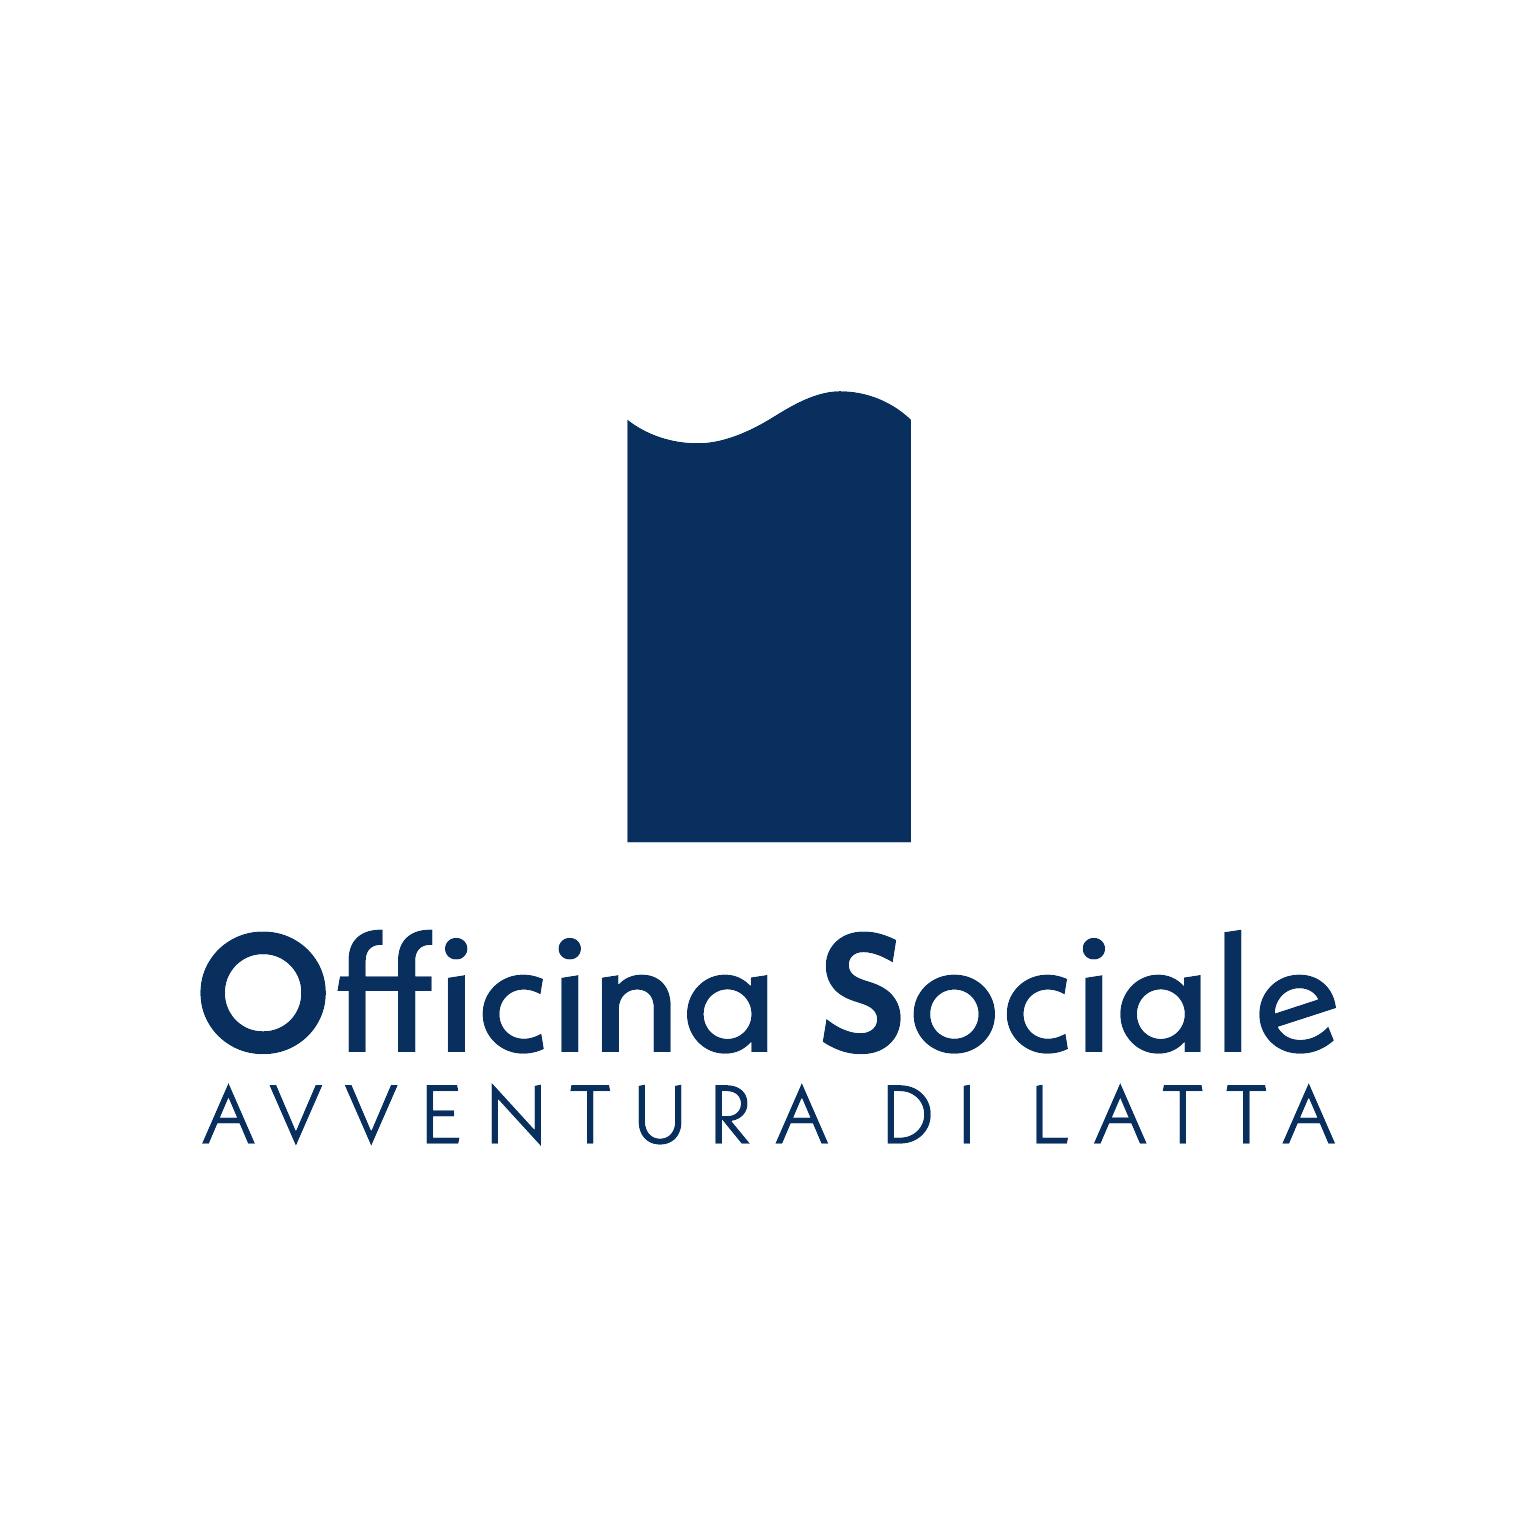 officina-sociale-avventura-di-latta-fabbri-profile